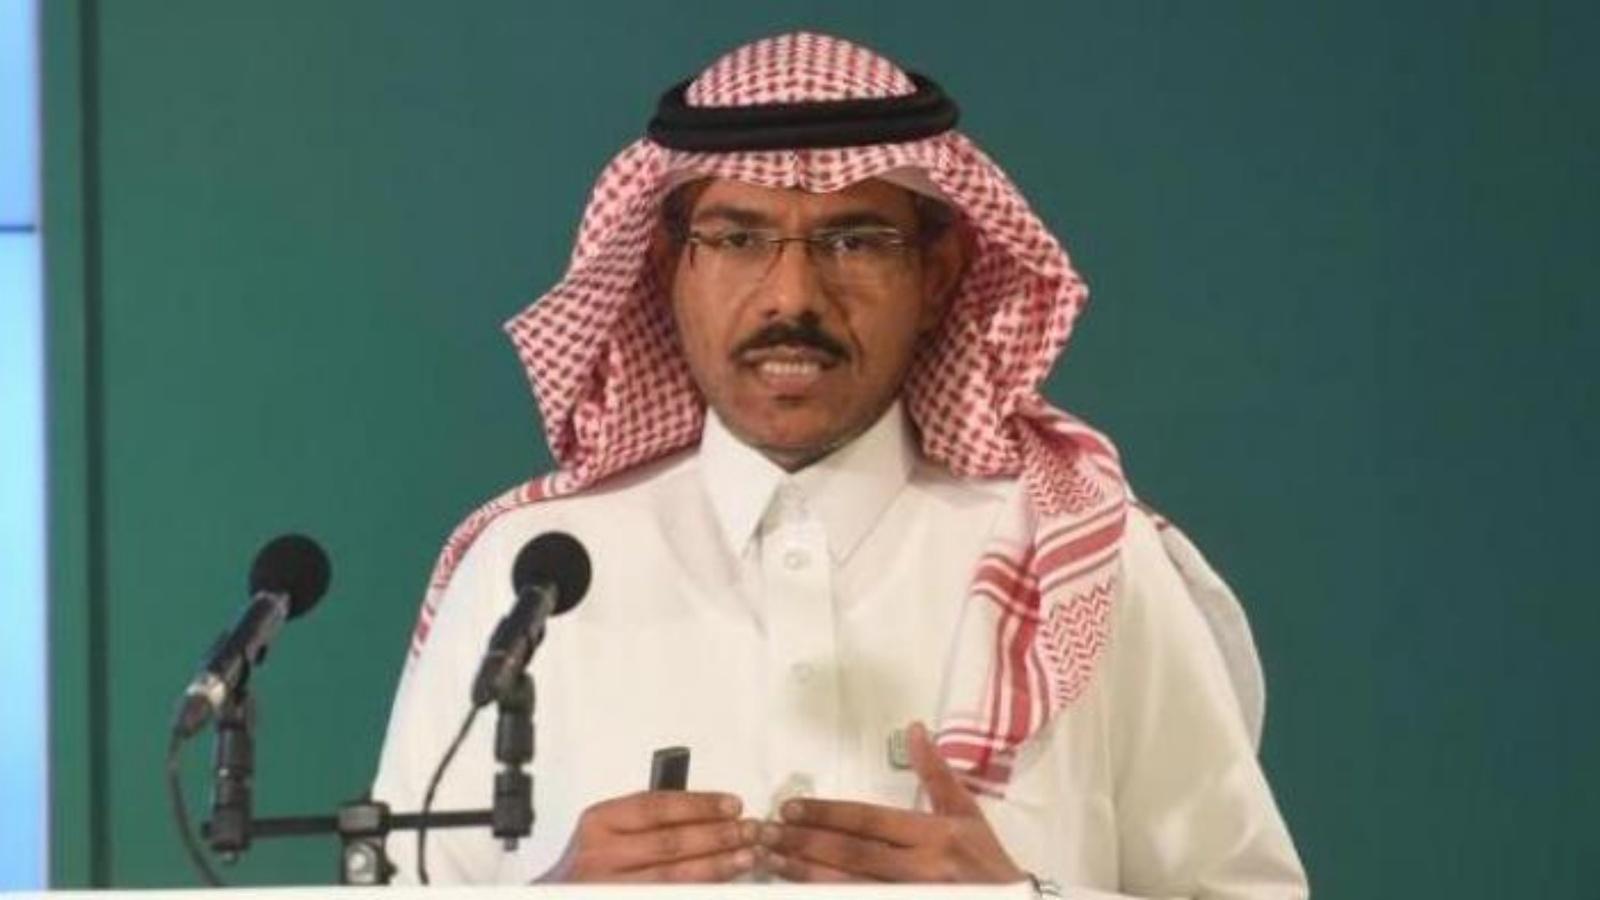 السعودية نيوز |  لقاح كورونا قريبا في السعودية